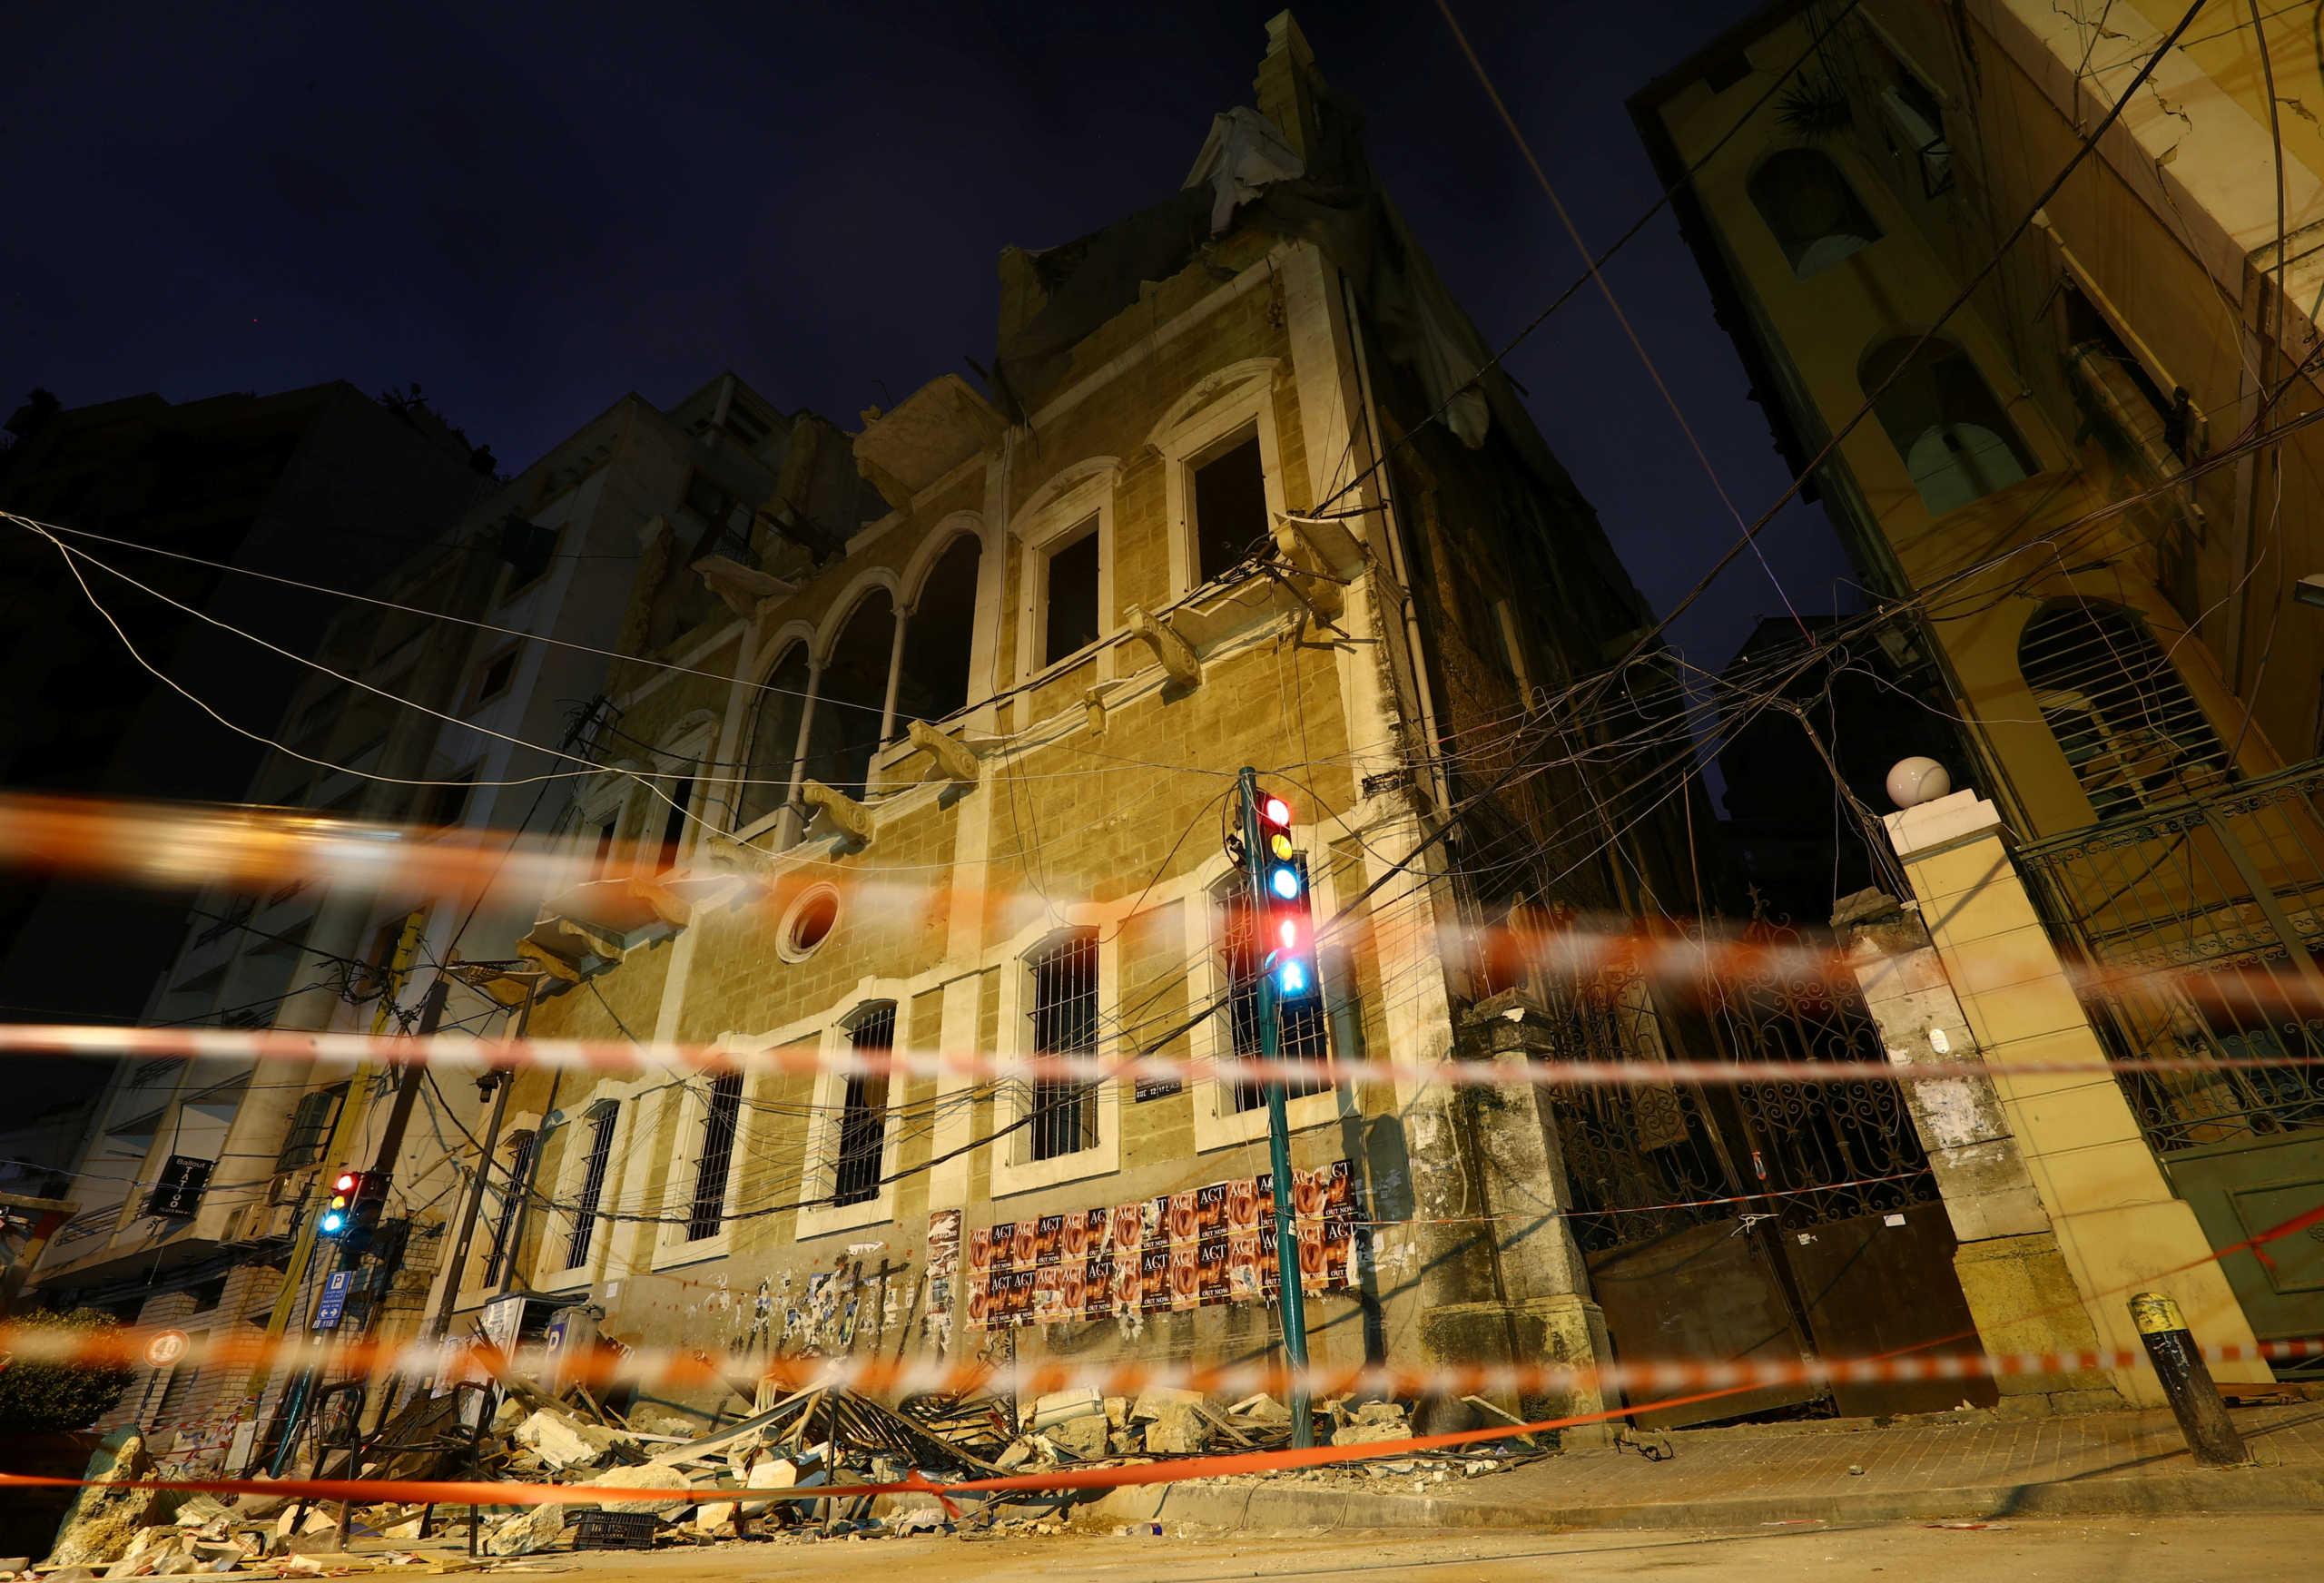 Λίβανος: Εξήντα ιστορικά κτίρια της Βηρυτού κινδυνεύουν να καταρρεύσουν από την έκρηξη